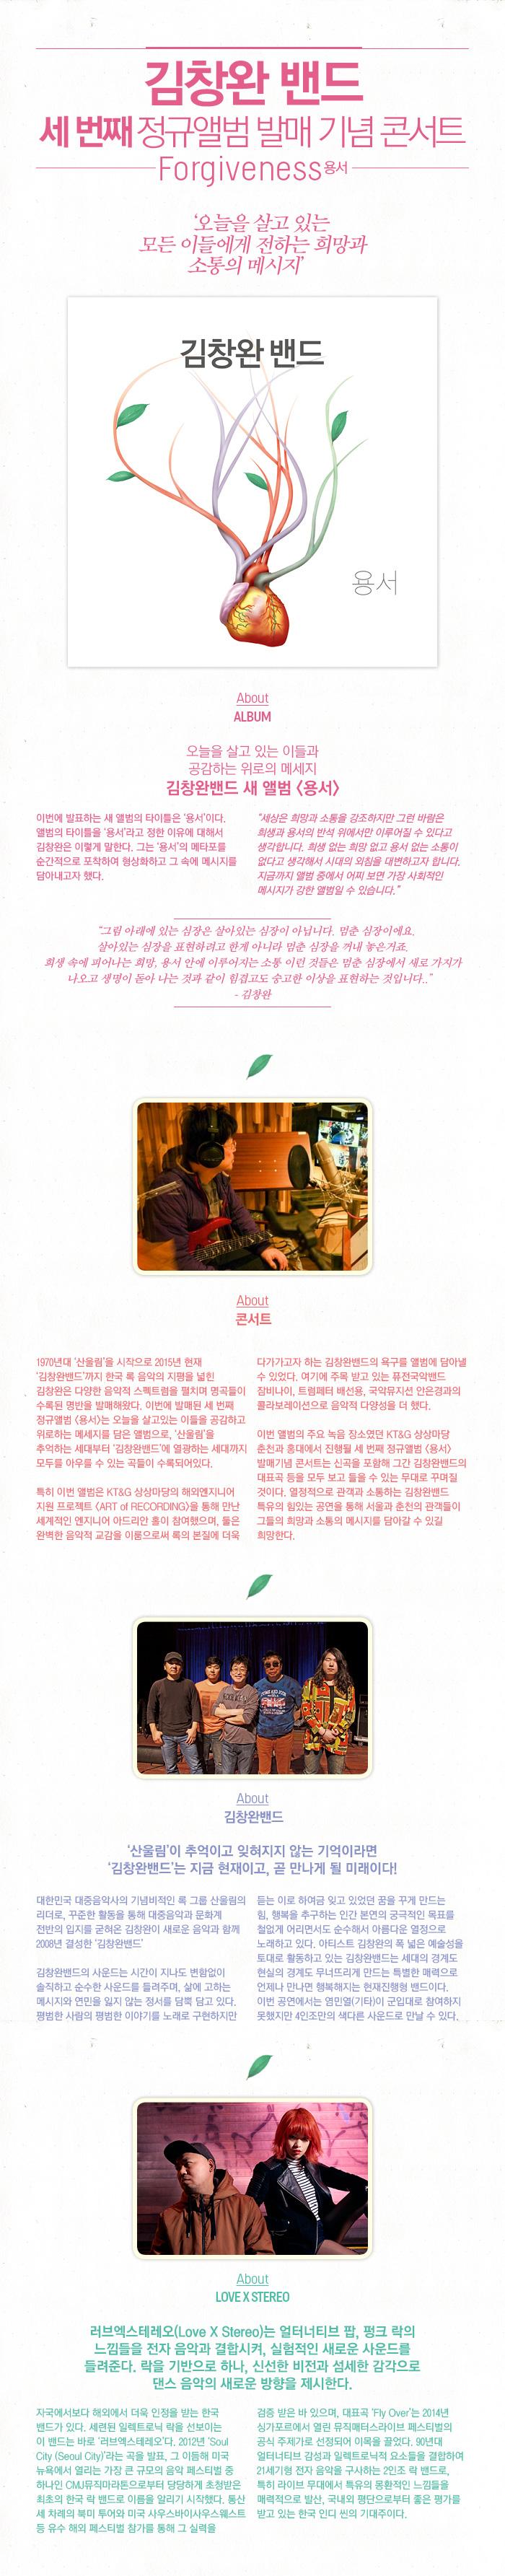 김창완밴드_용서_웹플라이어4 (공연안내)